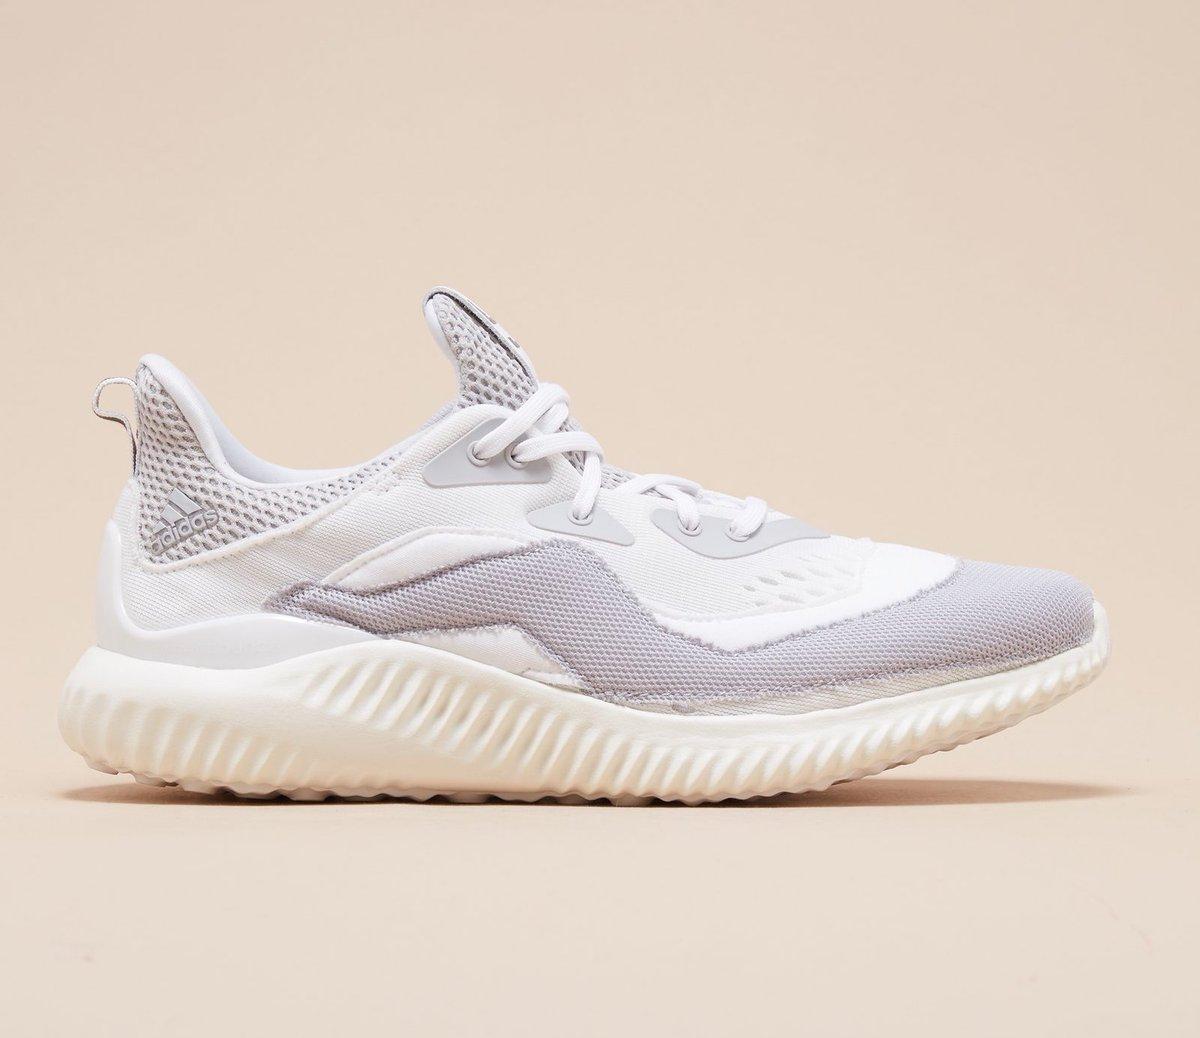 dfc04c962fc40 Sneaker Shouts™ on Twitter